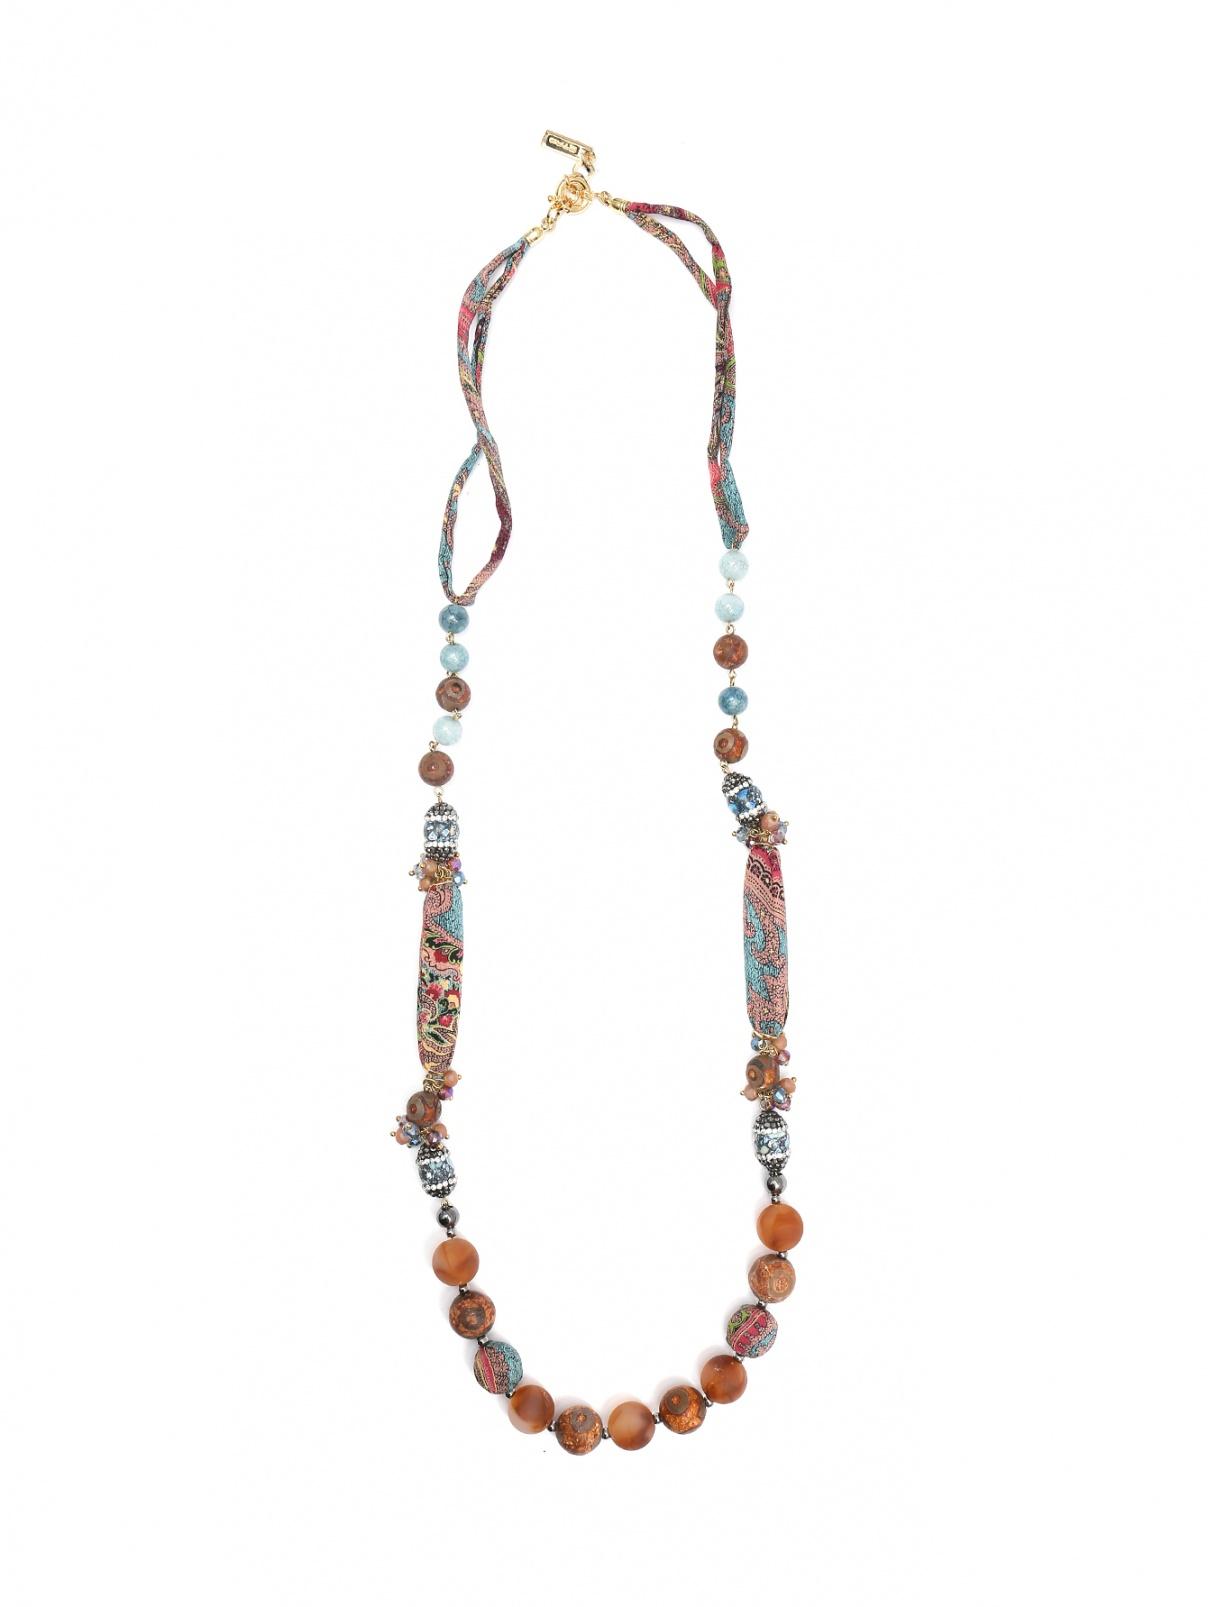 Ожерелье из шелка, стекла и камней с узором Etro  –  Общий вид  – Цвет:  Узор